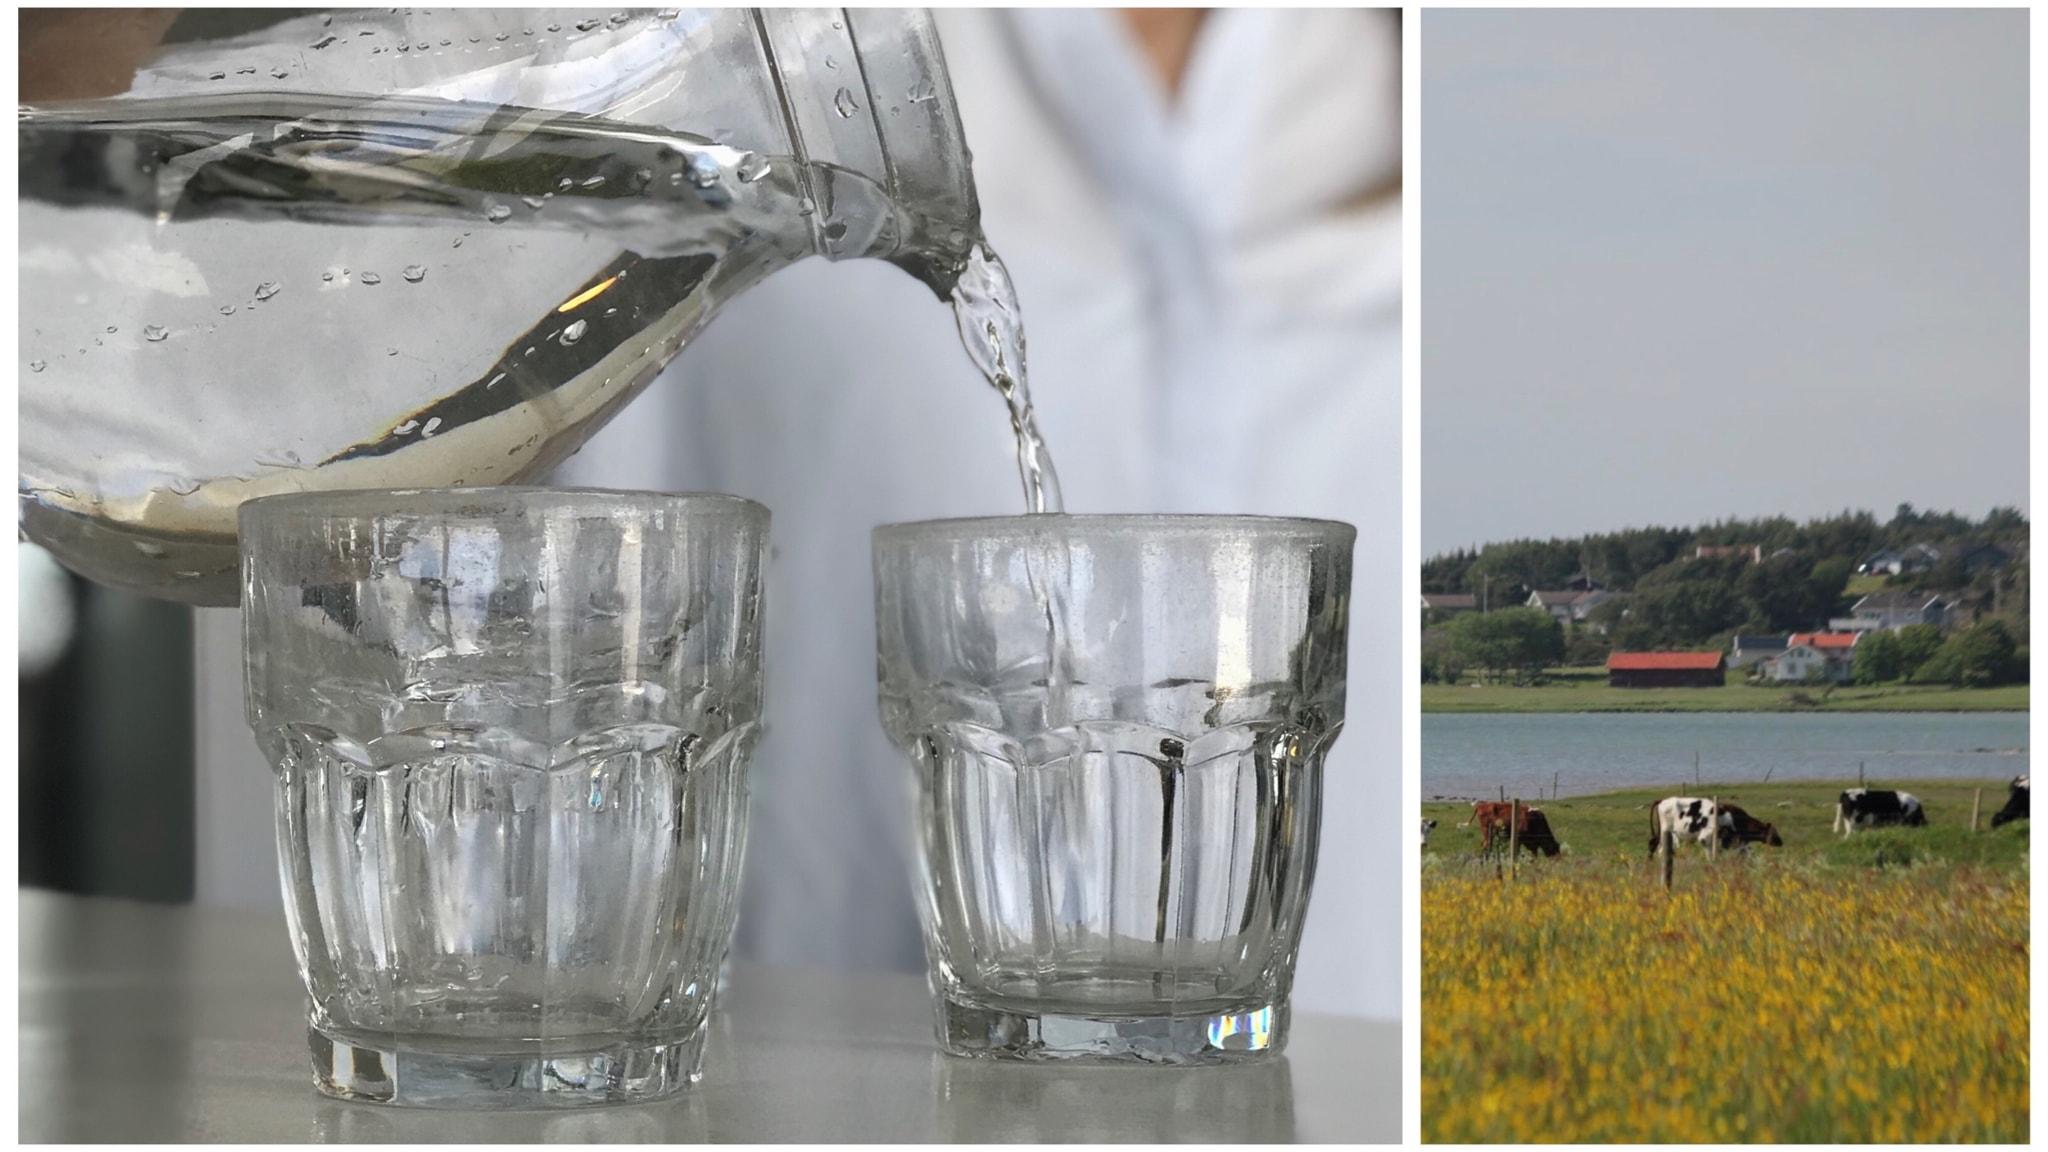 Vattenglas och strandäng.